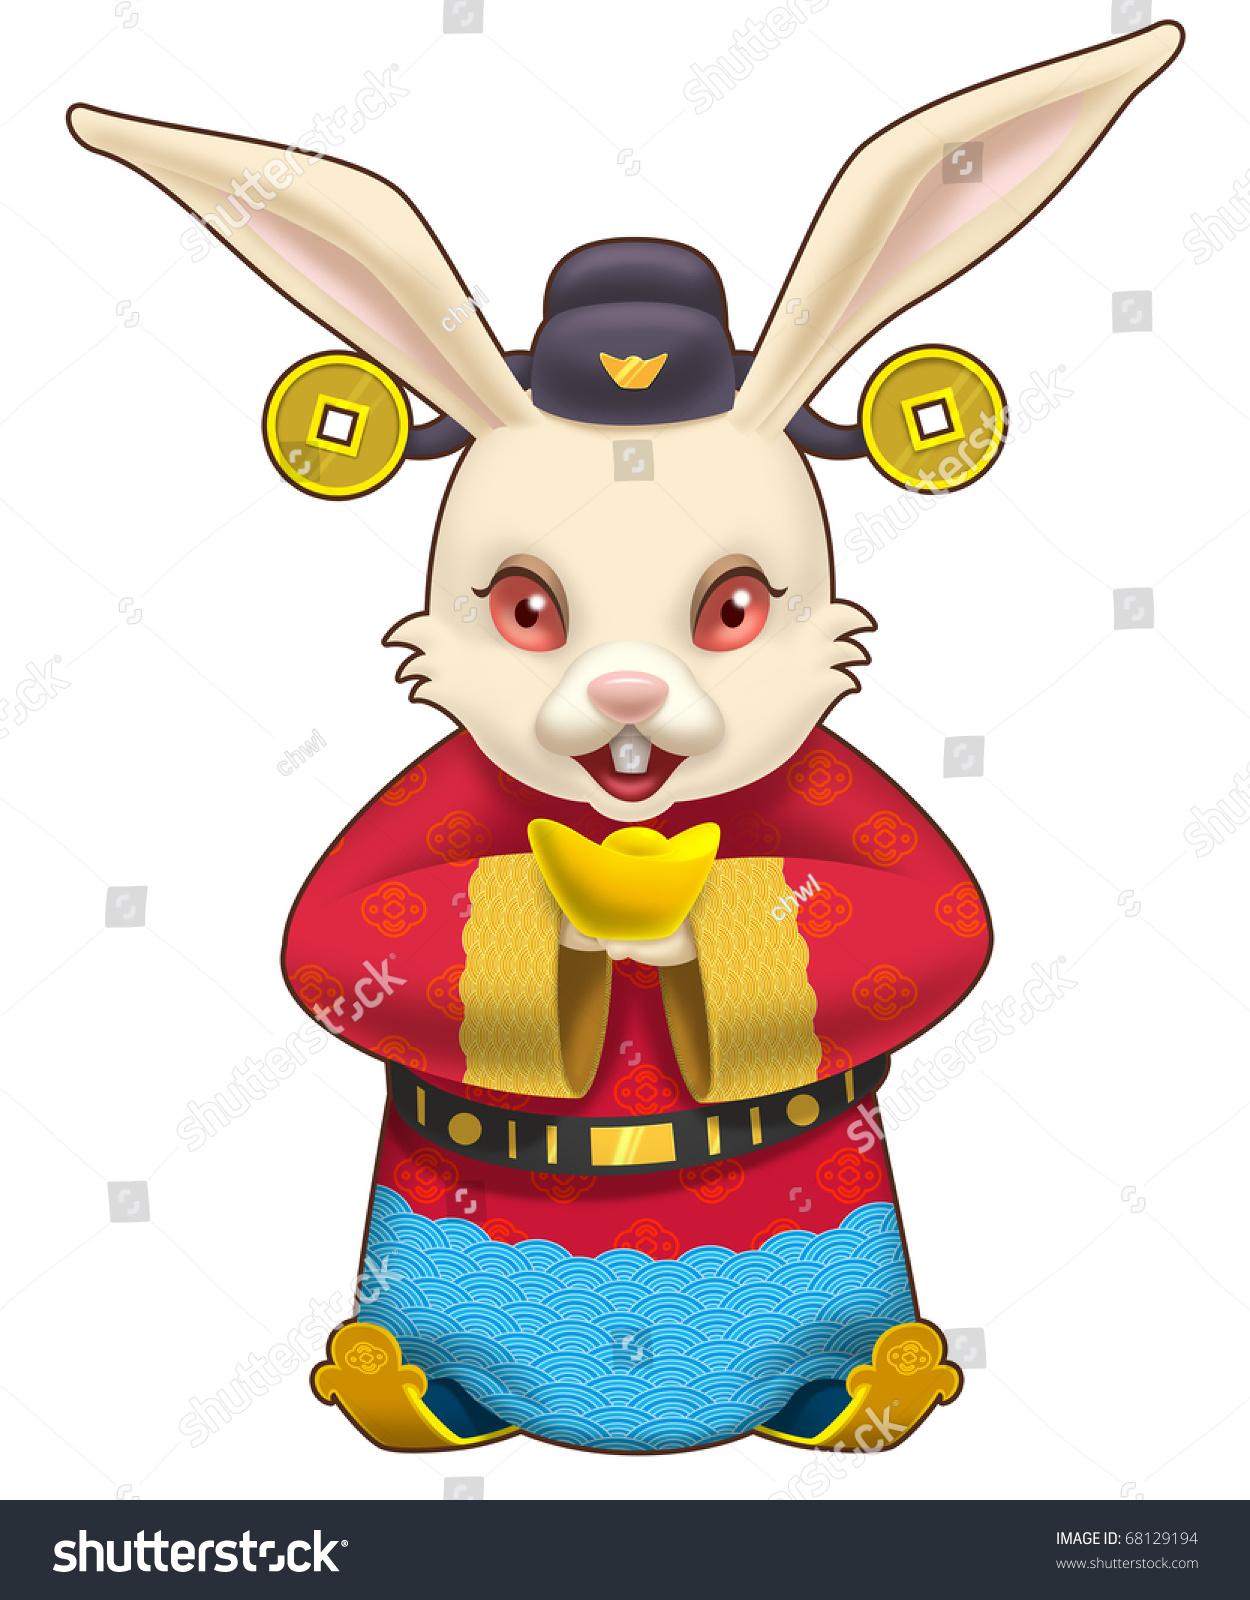 可爱兔子微信头像大全